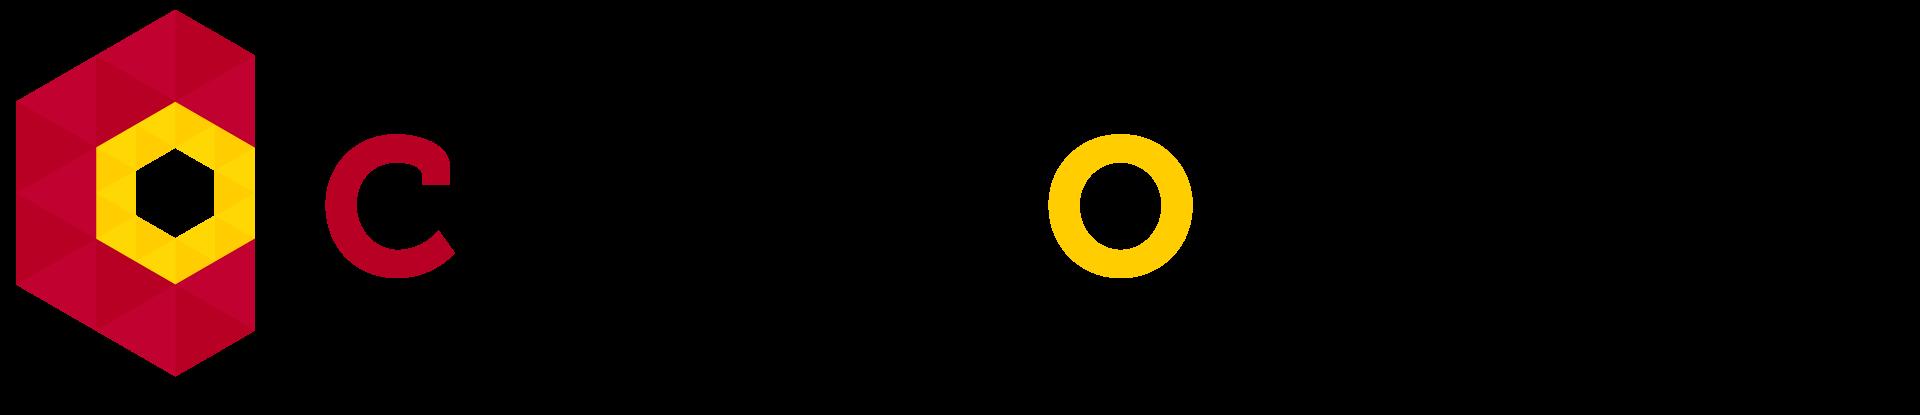 Cœur d'Occitanie